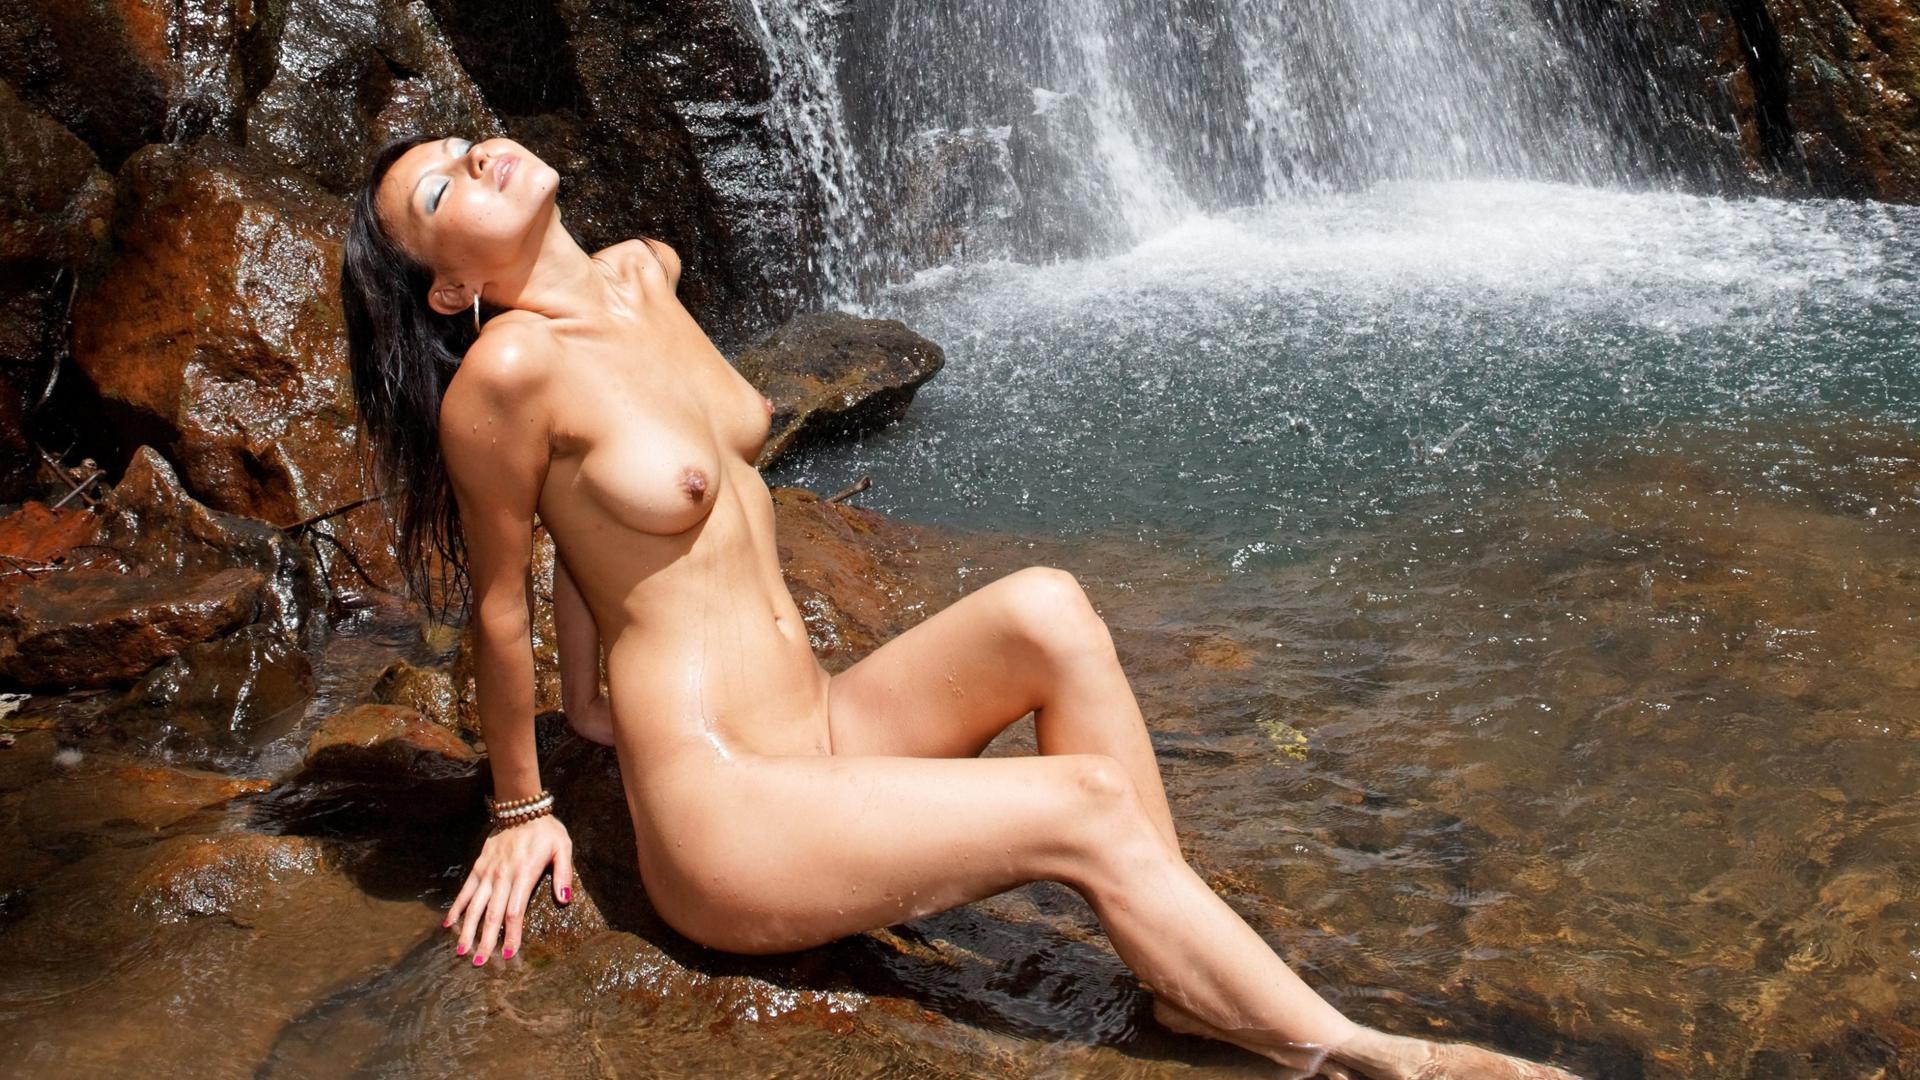 miss hk models nude